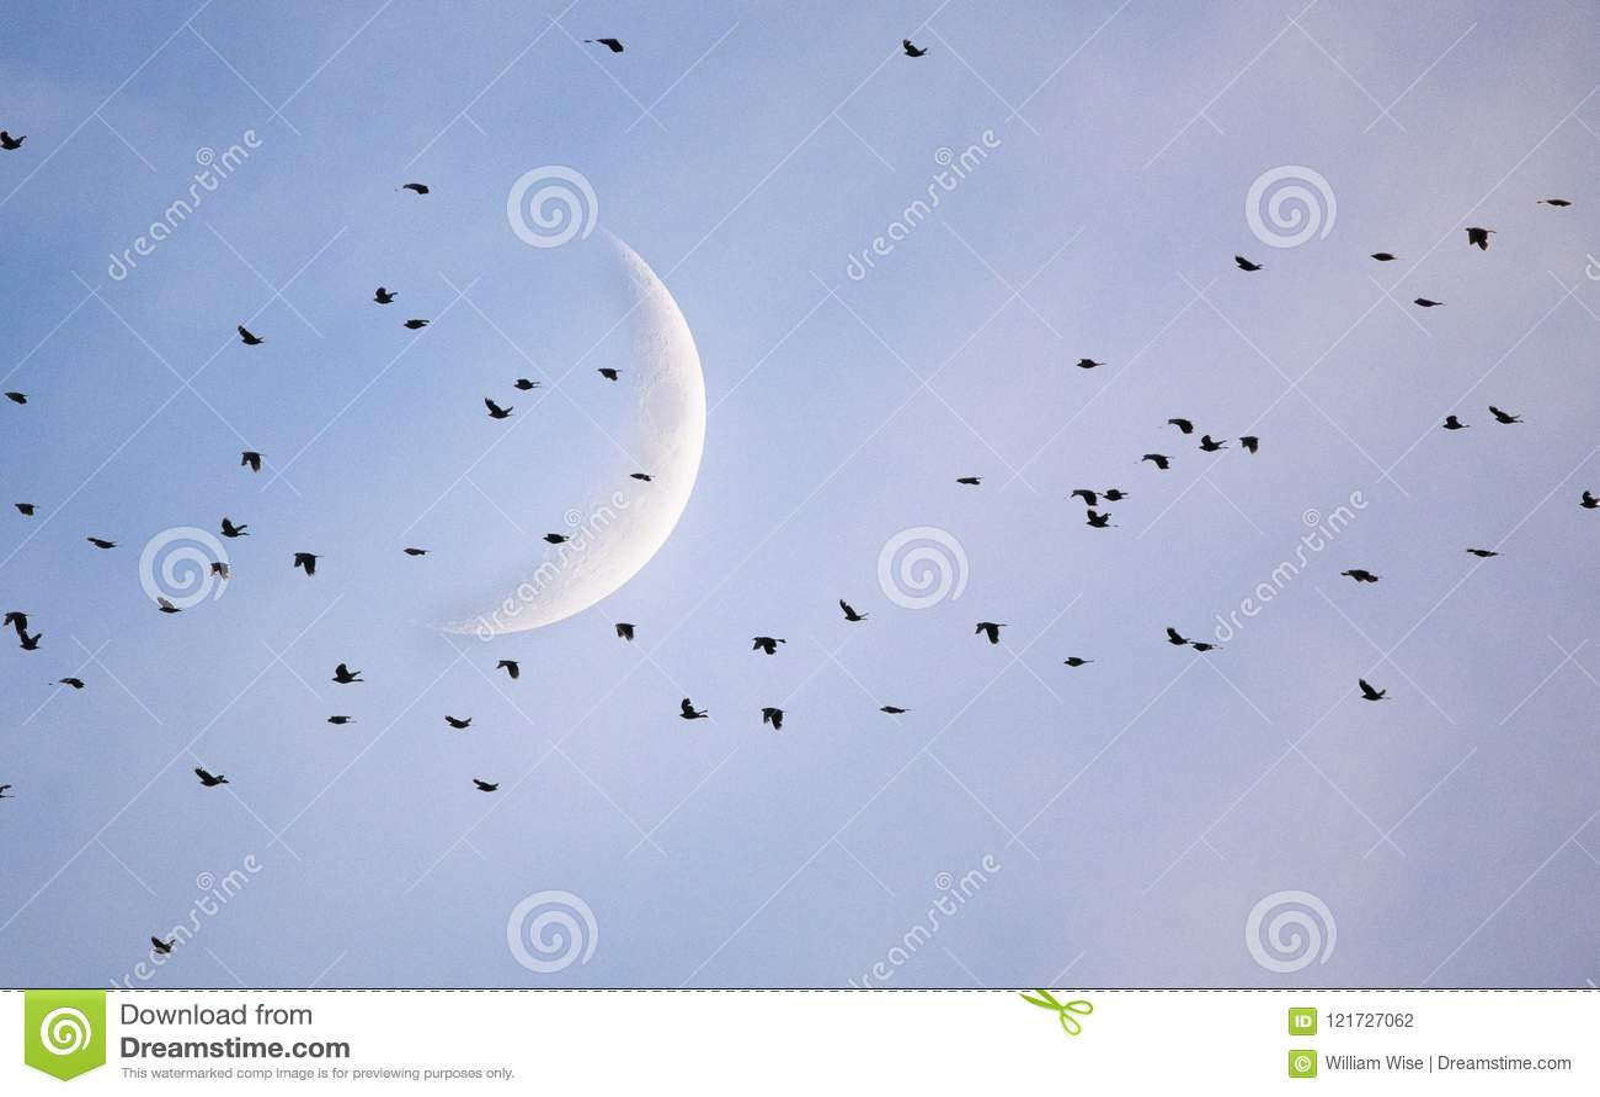 Kierdel kos przecinająca półksiężyc księżyc Ateny, dziąsła